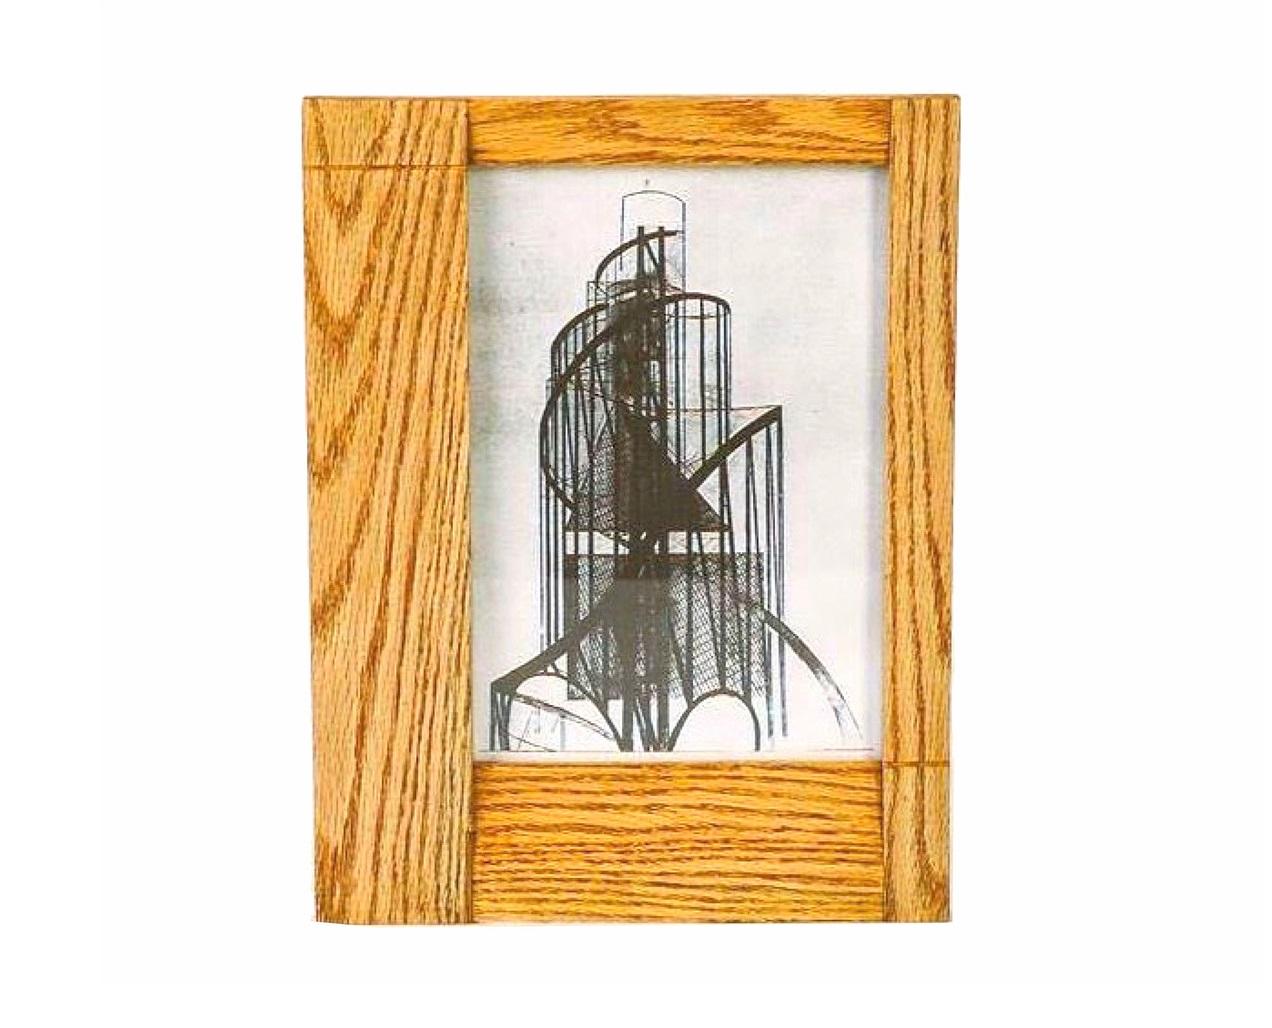 Рамка для фотографийРамки для фотографий<br>Настенная рамка для фотографий или картин из массива дерева. Подходит для изображений размера А4.&amp;amp;nbsp;<br><br>Material: Дуб<br>Width см: 30<br>Depth см: 2<br>Height см: 39